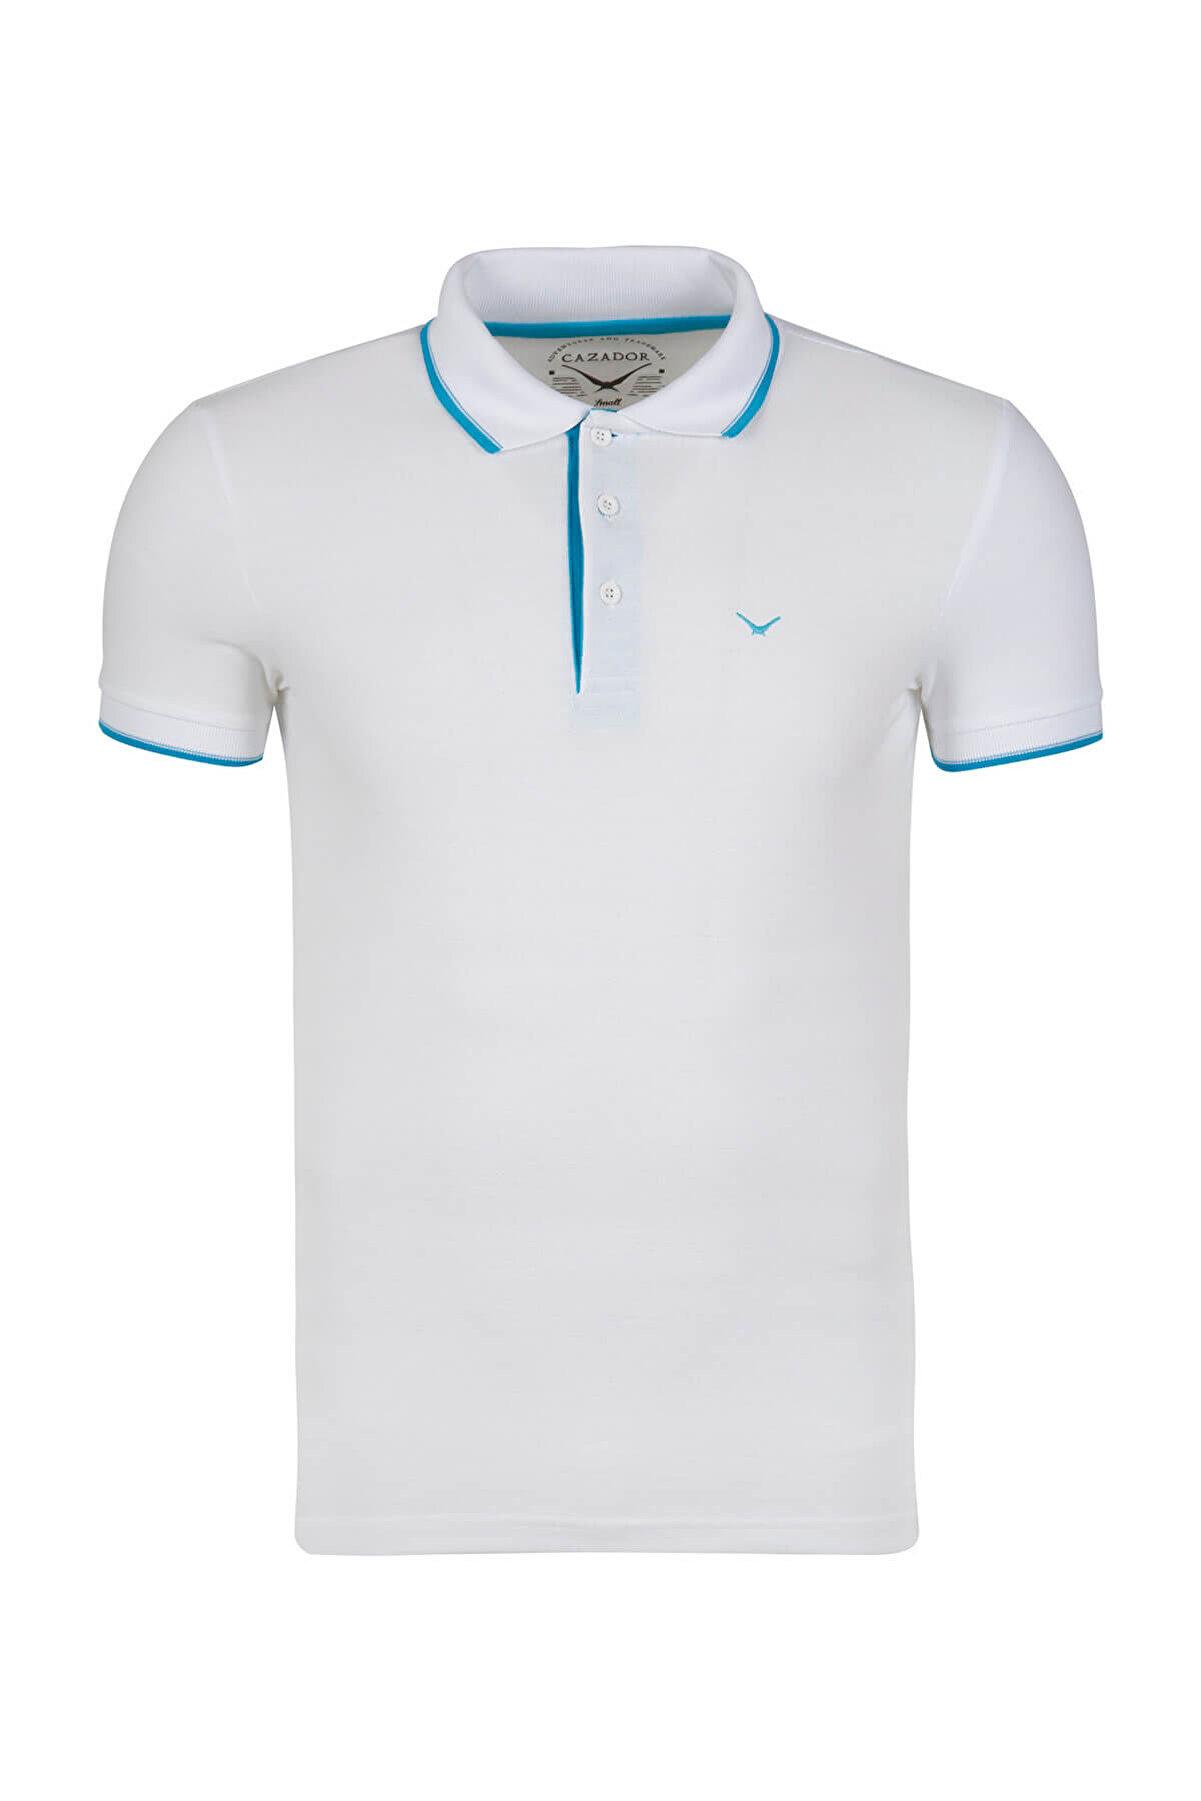 Cazador Erkek Beyaz T-Shirt - Cdr4614-18YC1EK04614